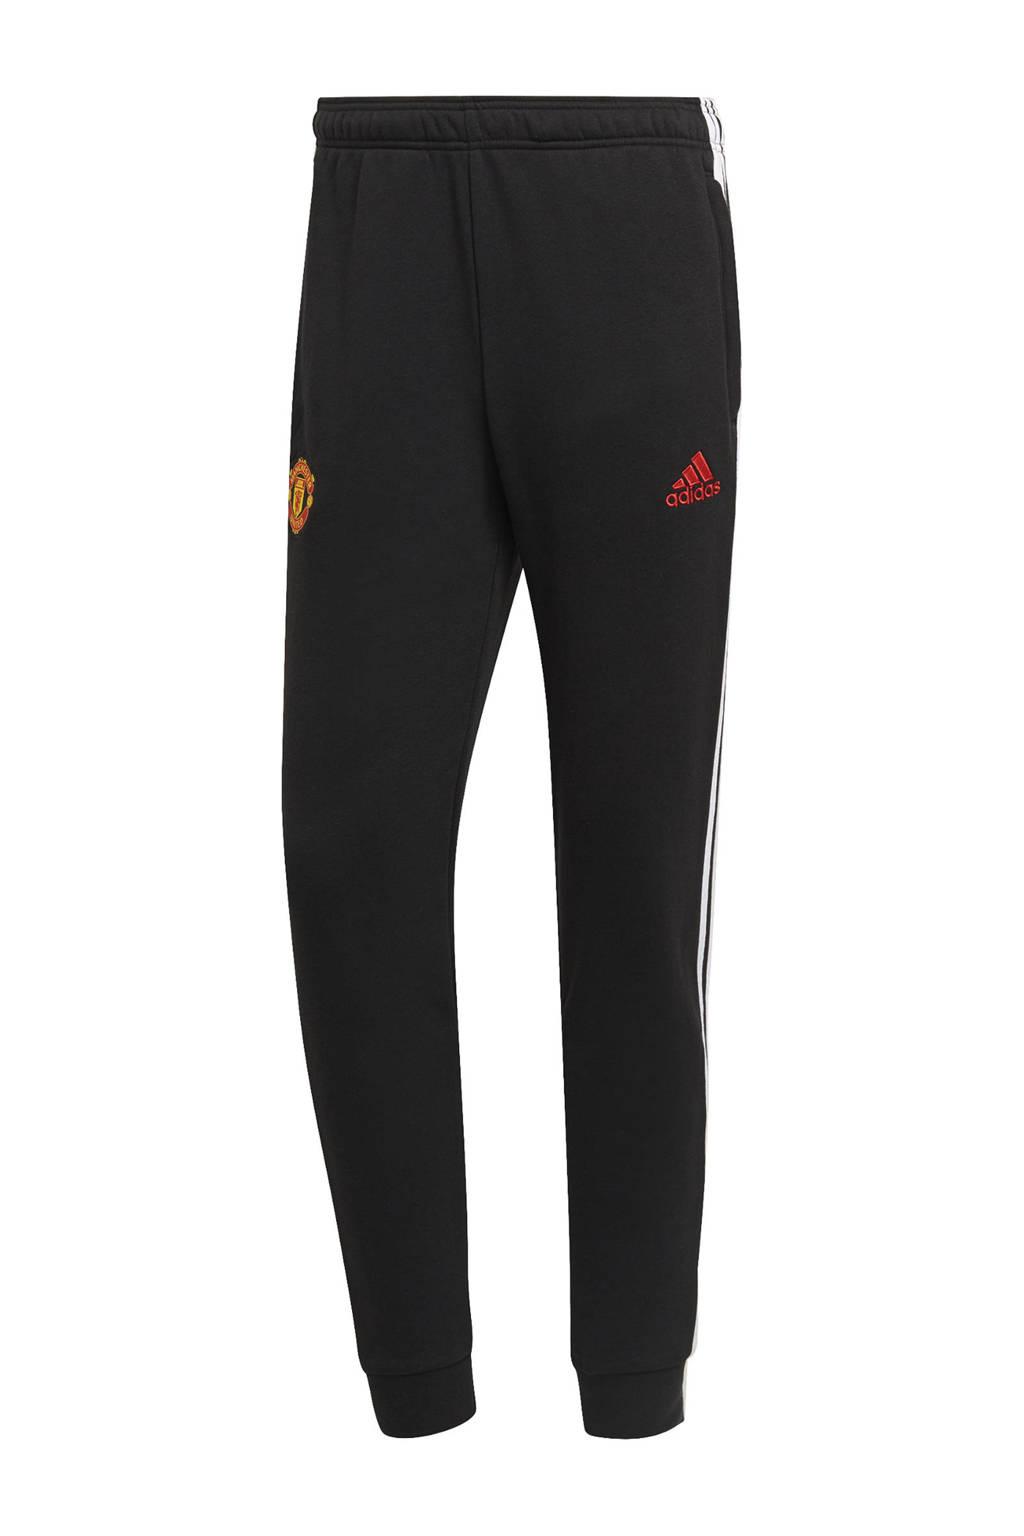 adidas Performance Senior Manchester United voetbalbroek zwart/wit, Zwart